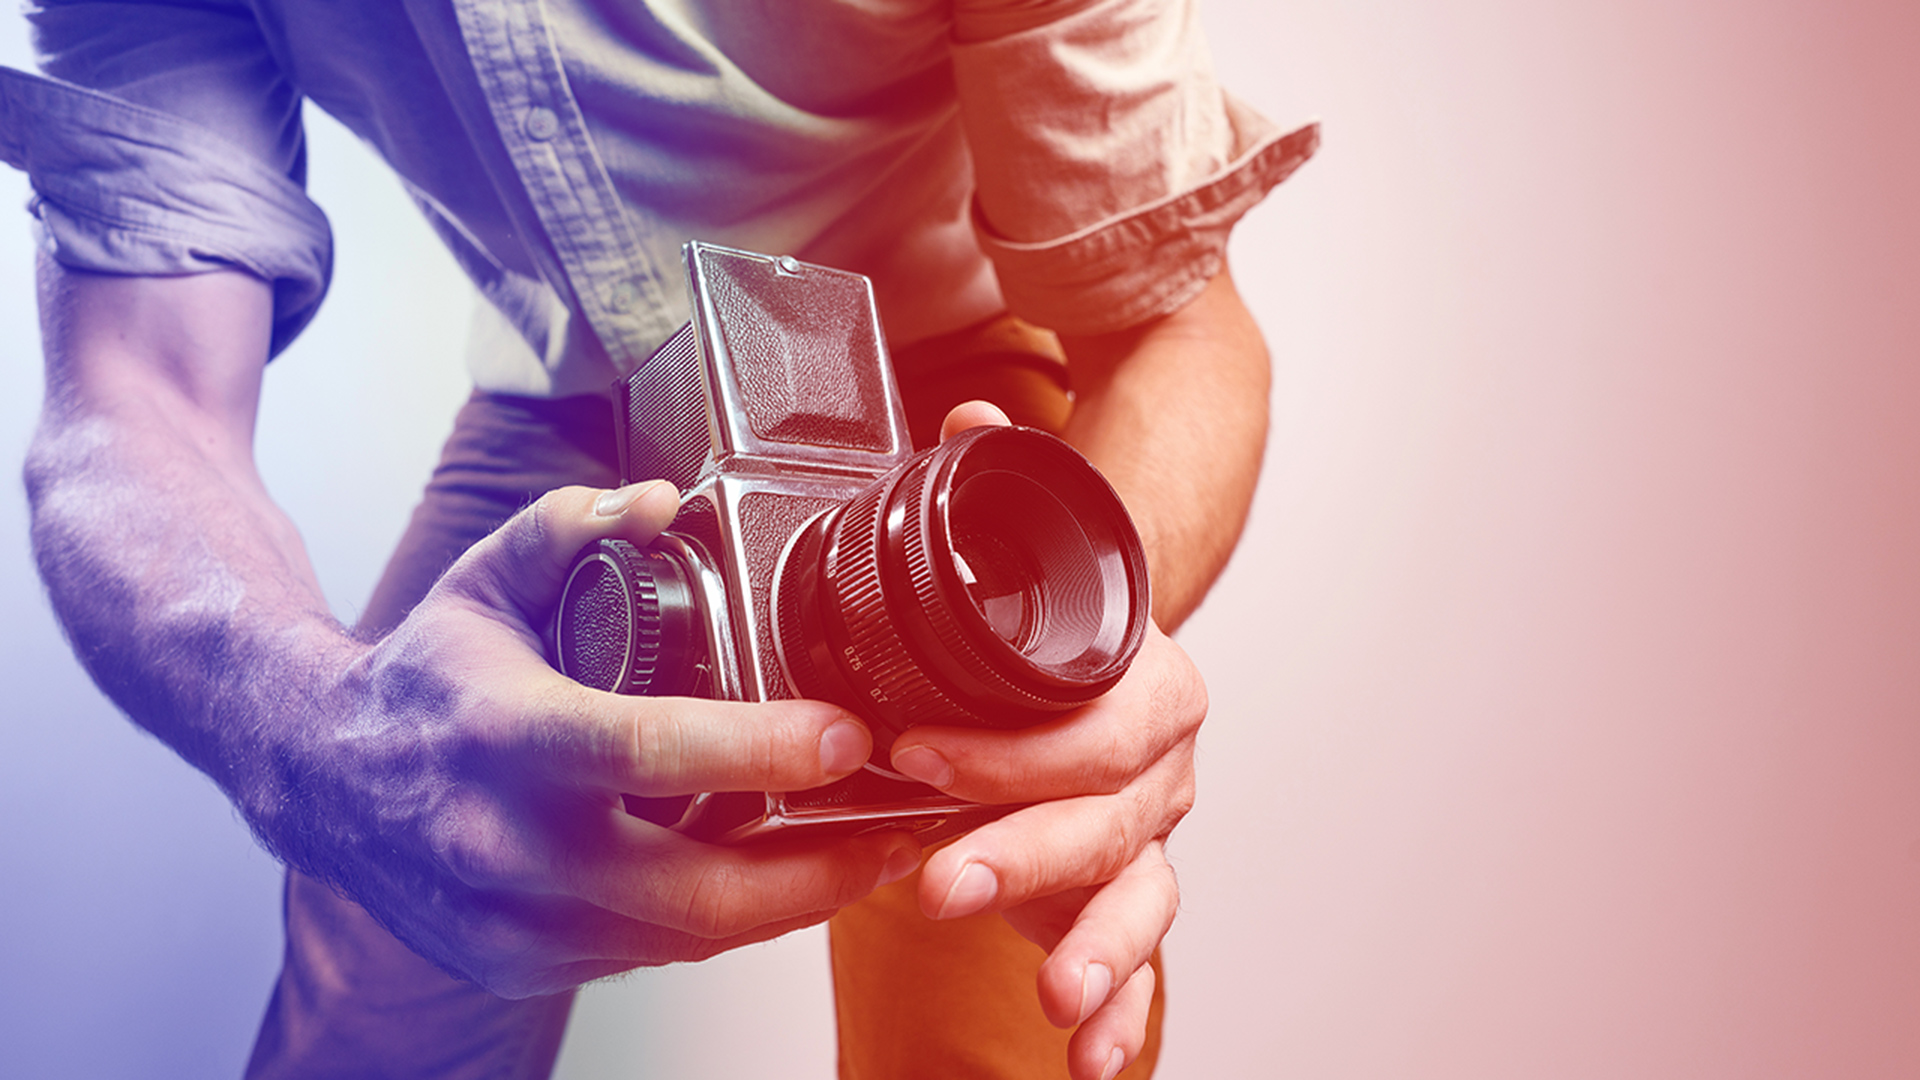 Shutterstock - Dmitry Galaganov